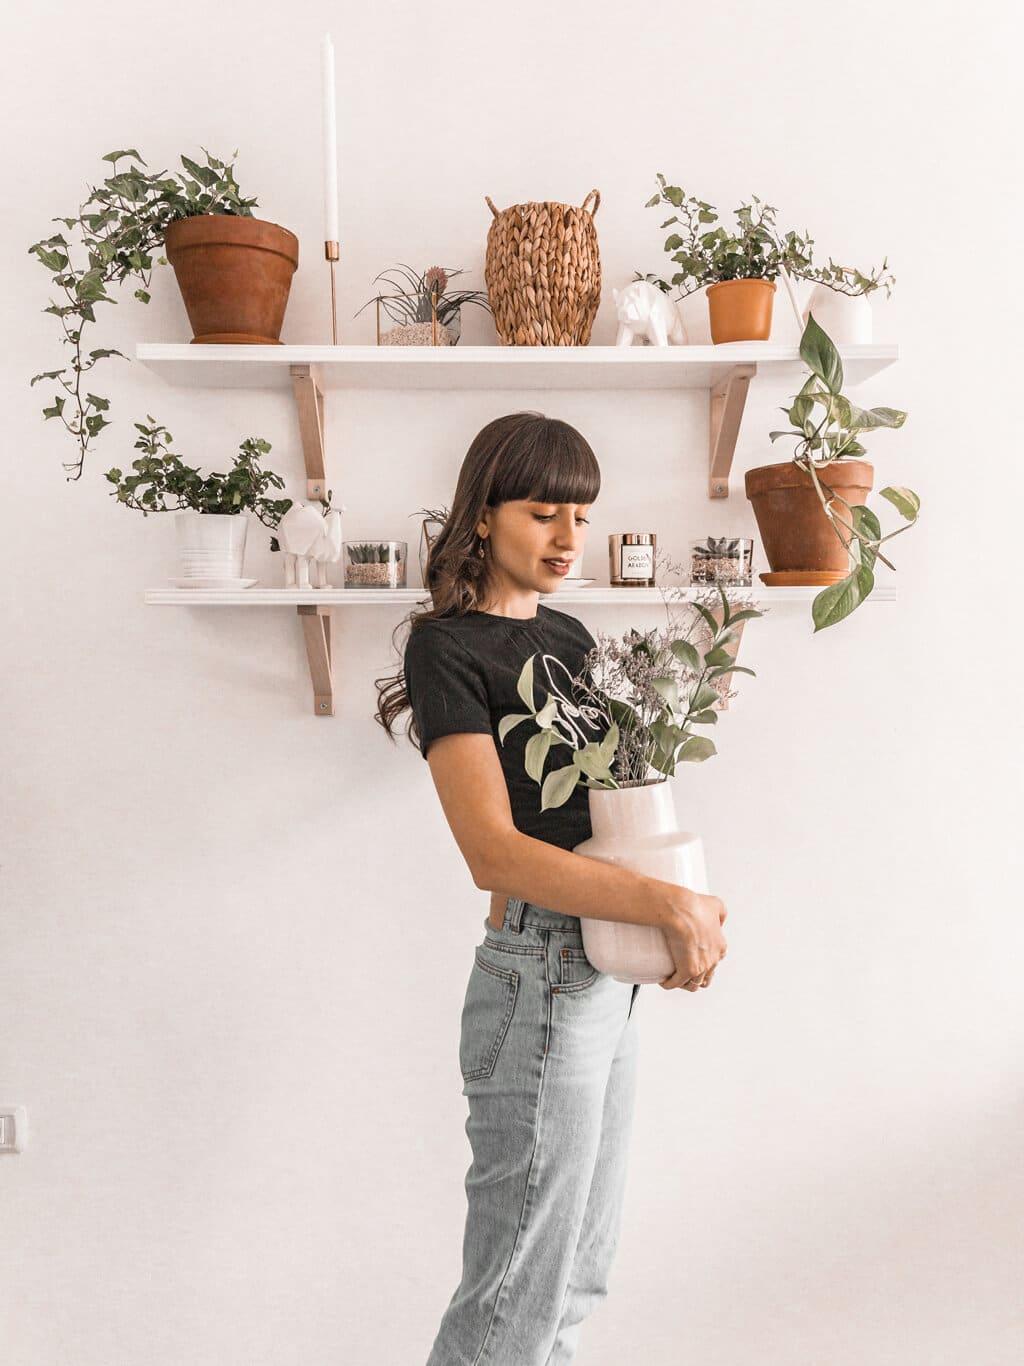 סיור בסלון שלי - עיצוב אקלקטבי סקנדינבי, ג׳ונגל אורבני | Hedonistit living room tour - eclectic nordic urban jungle home styling